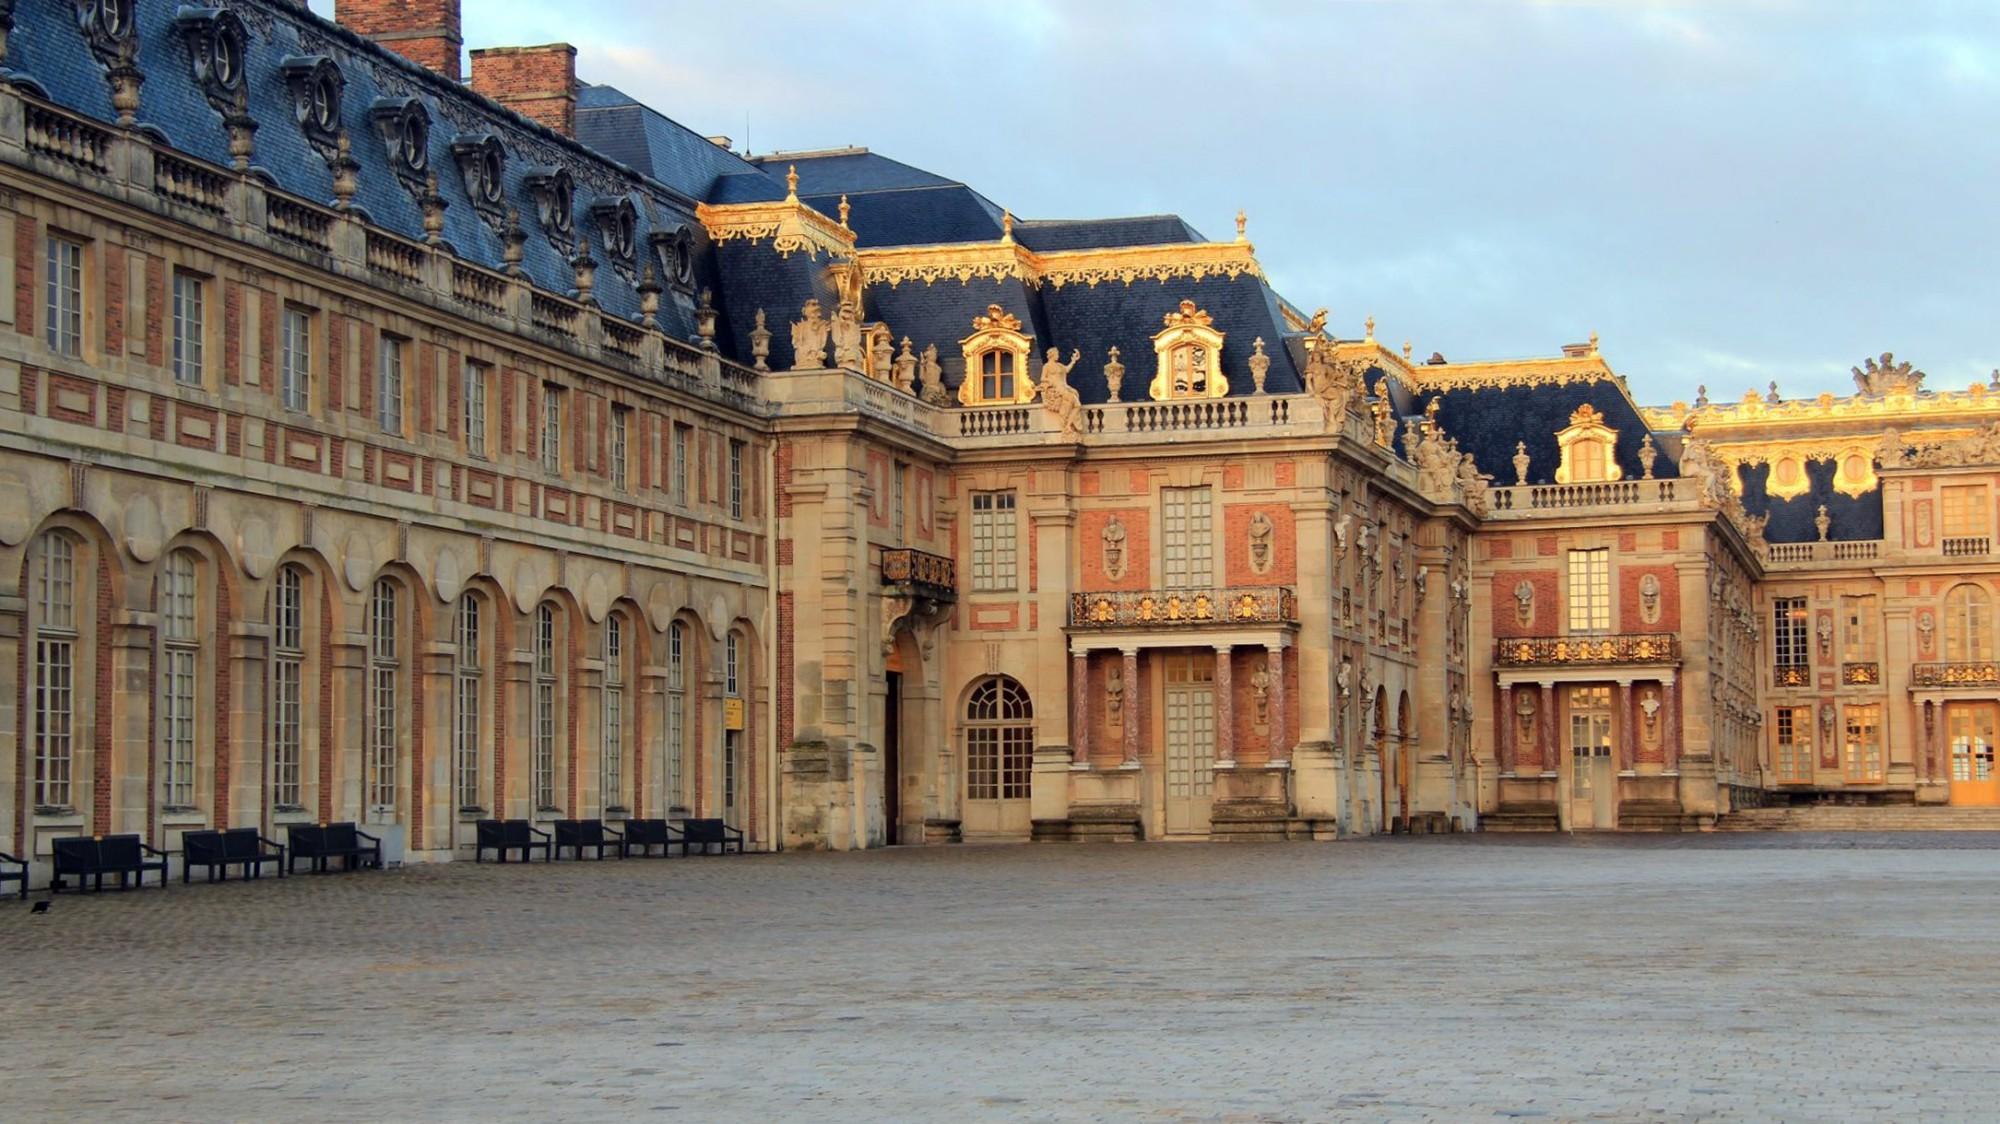 Castillo (Palacio) de Versalles